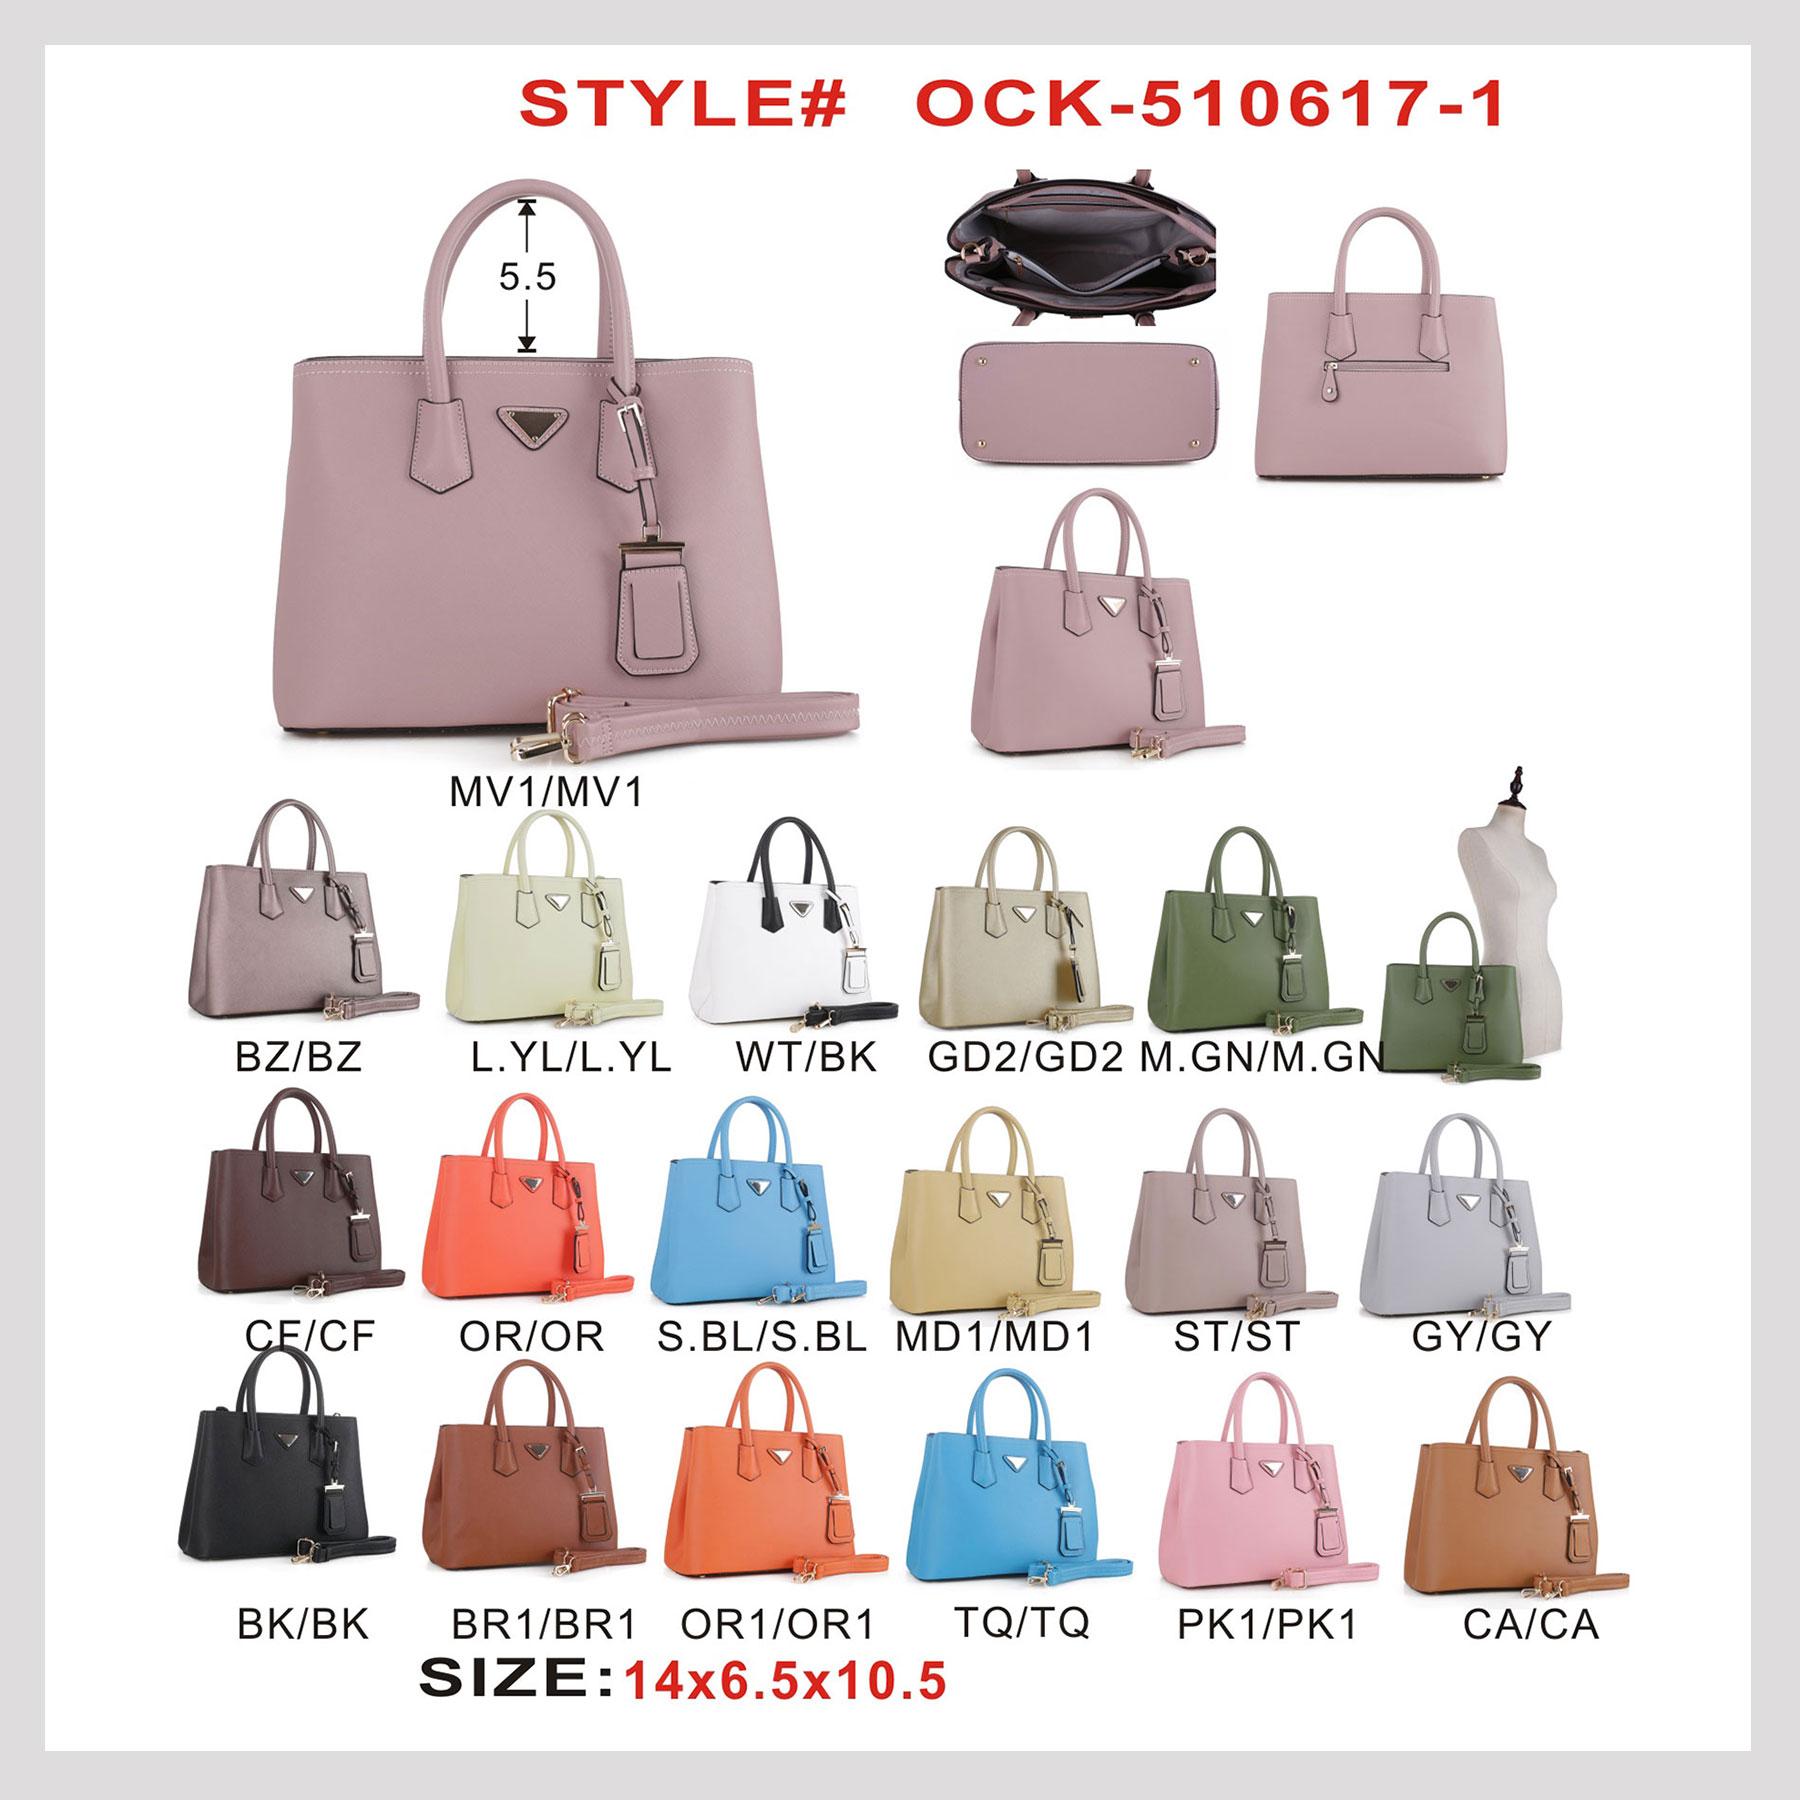 OCK-510617-1.jpg